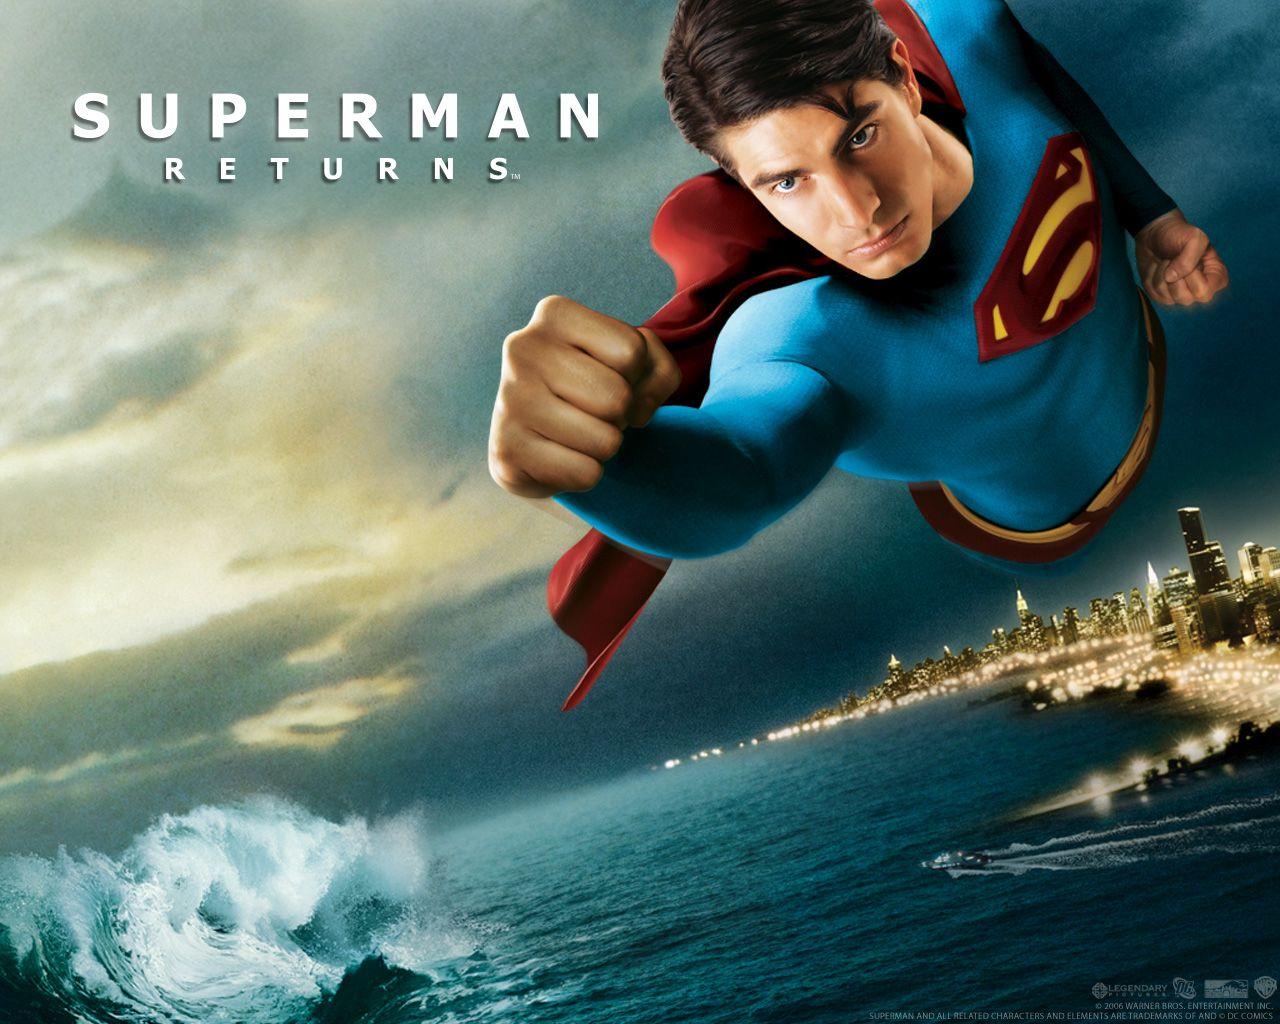 Superman Returns 2006 Fond D Ecran Fond D Ecran Superman Superman Film